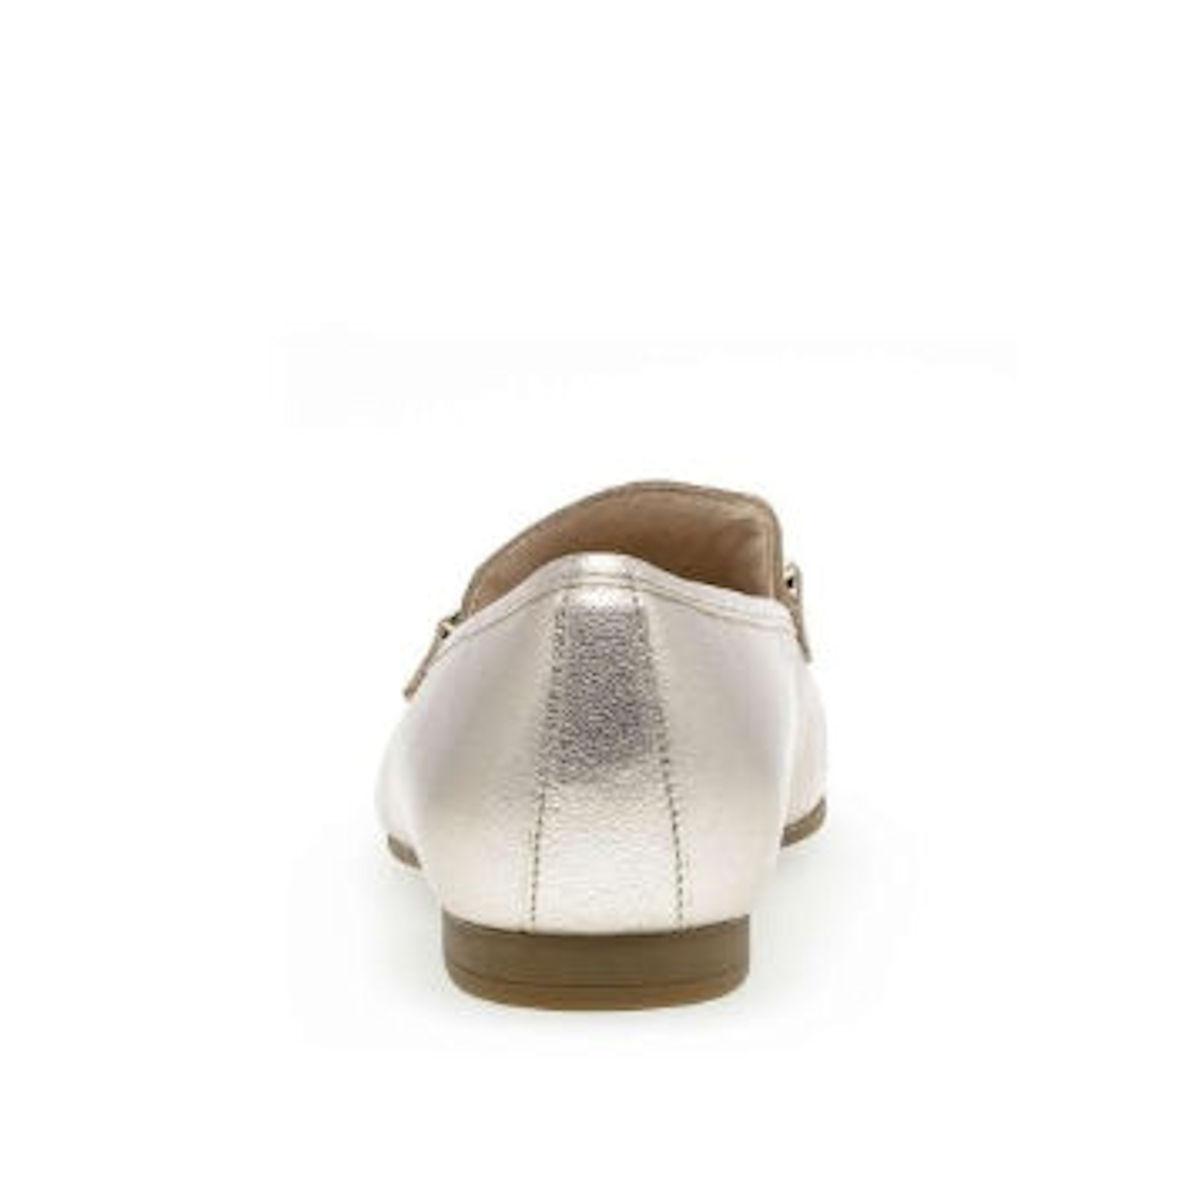 Gabor Serin 24.210.60 rose gold women's loafer